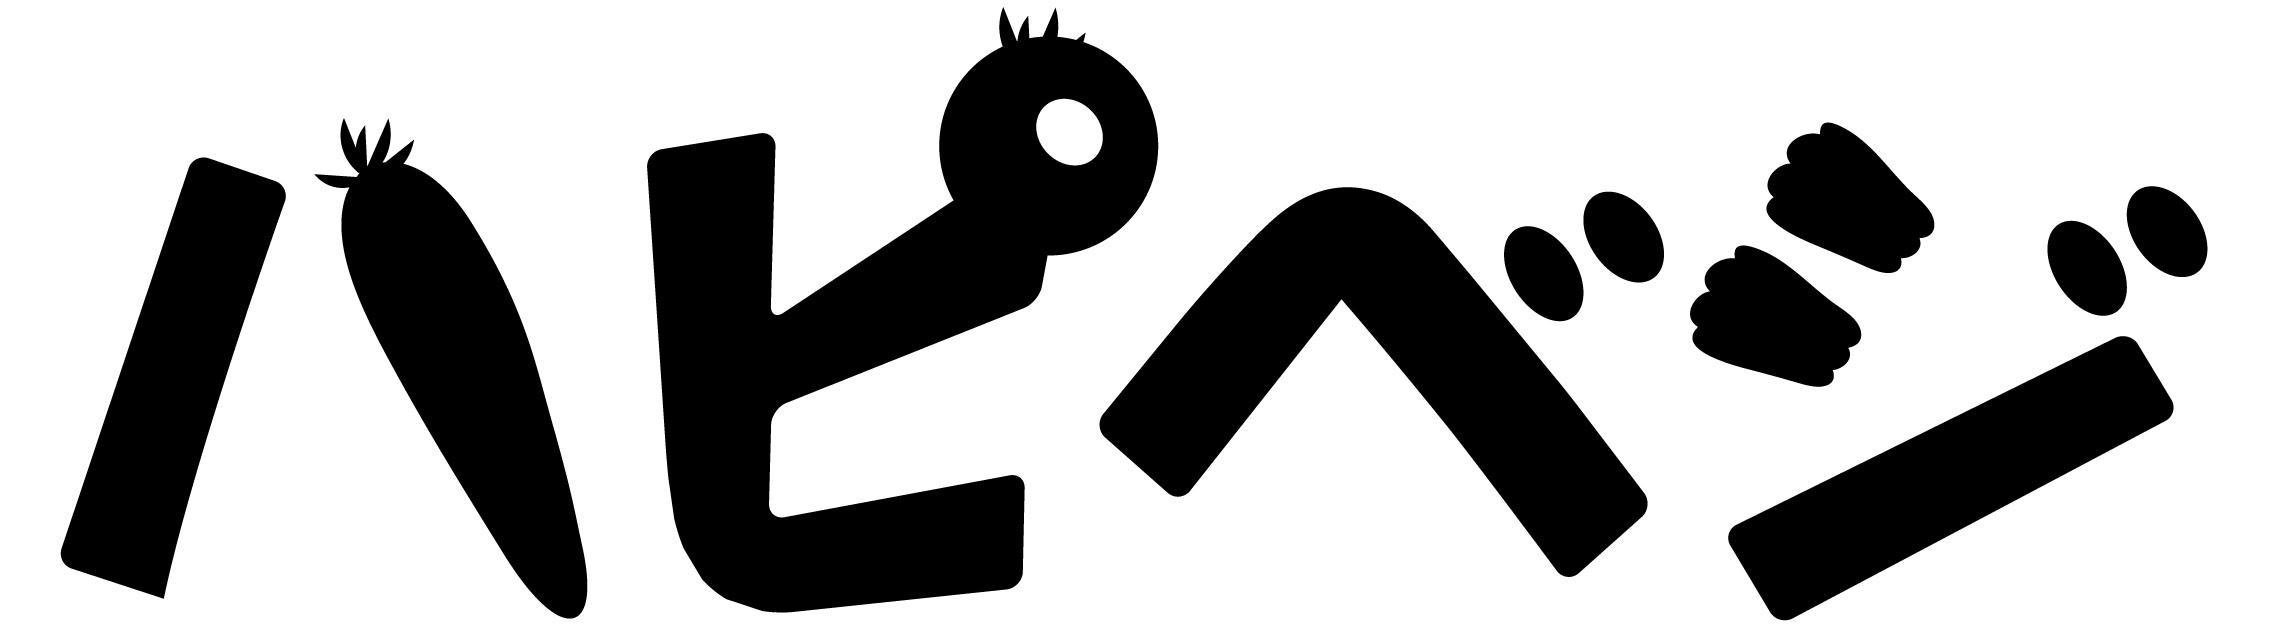 ハピベジロゴ(モノクロ/単体)